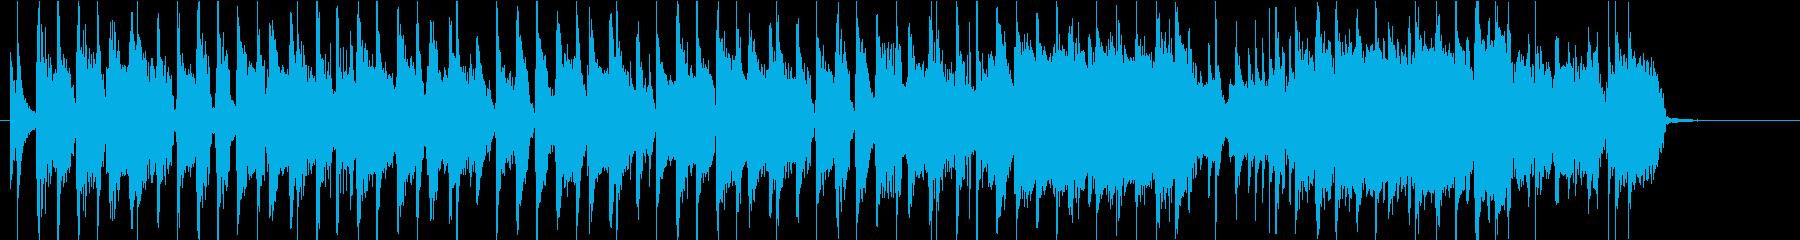 ノリノリなギターロック 30秒ジングルの再生済みの波形